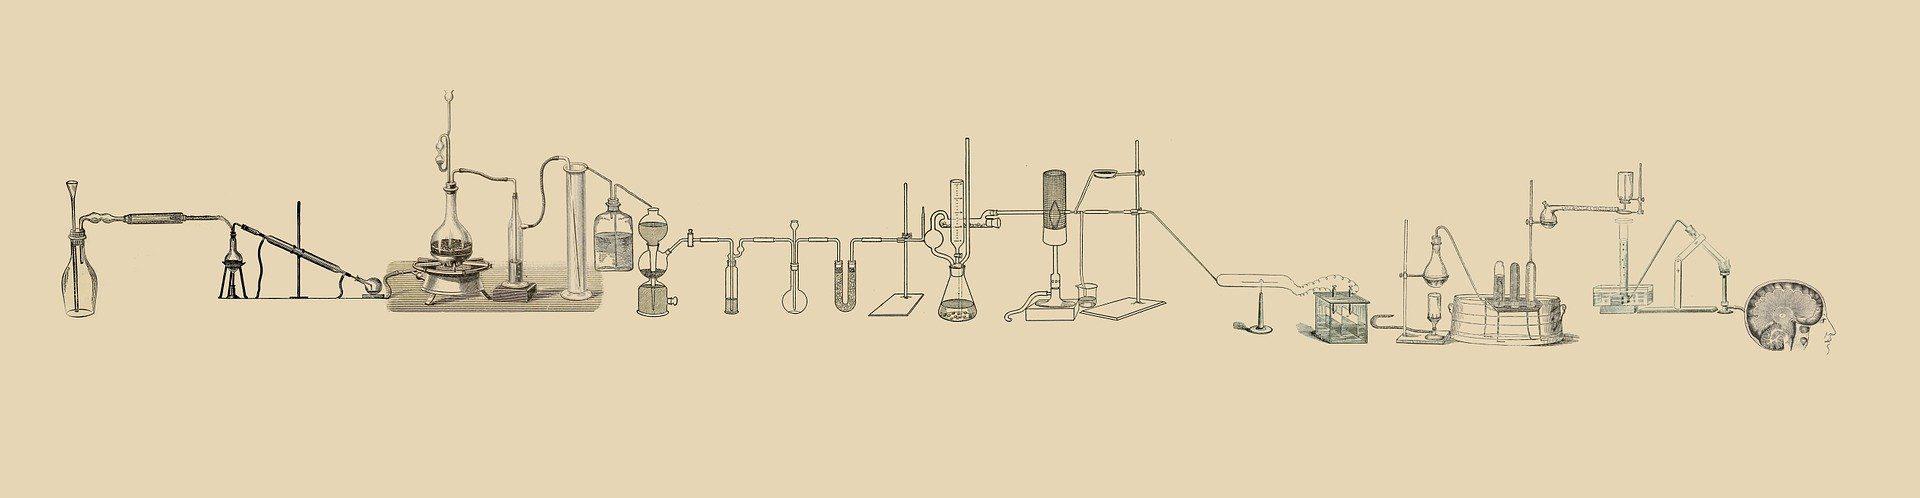 Labor Versuch Geraete Reagenzgrlaeser Silber